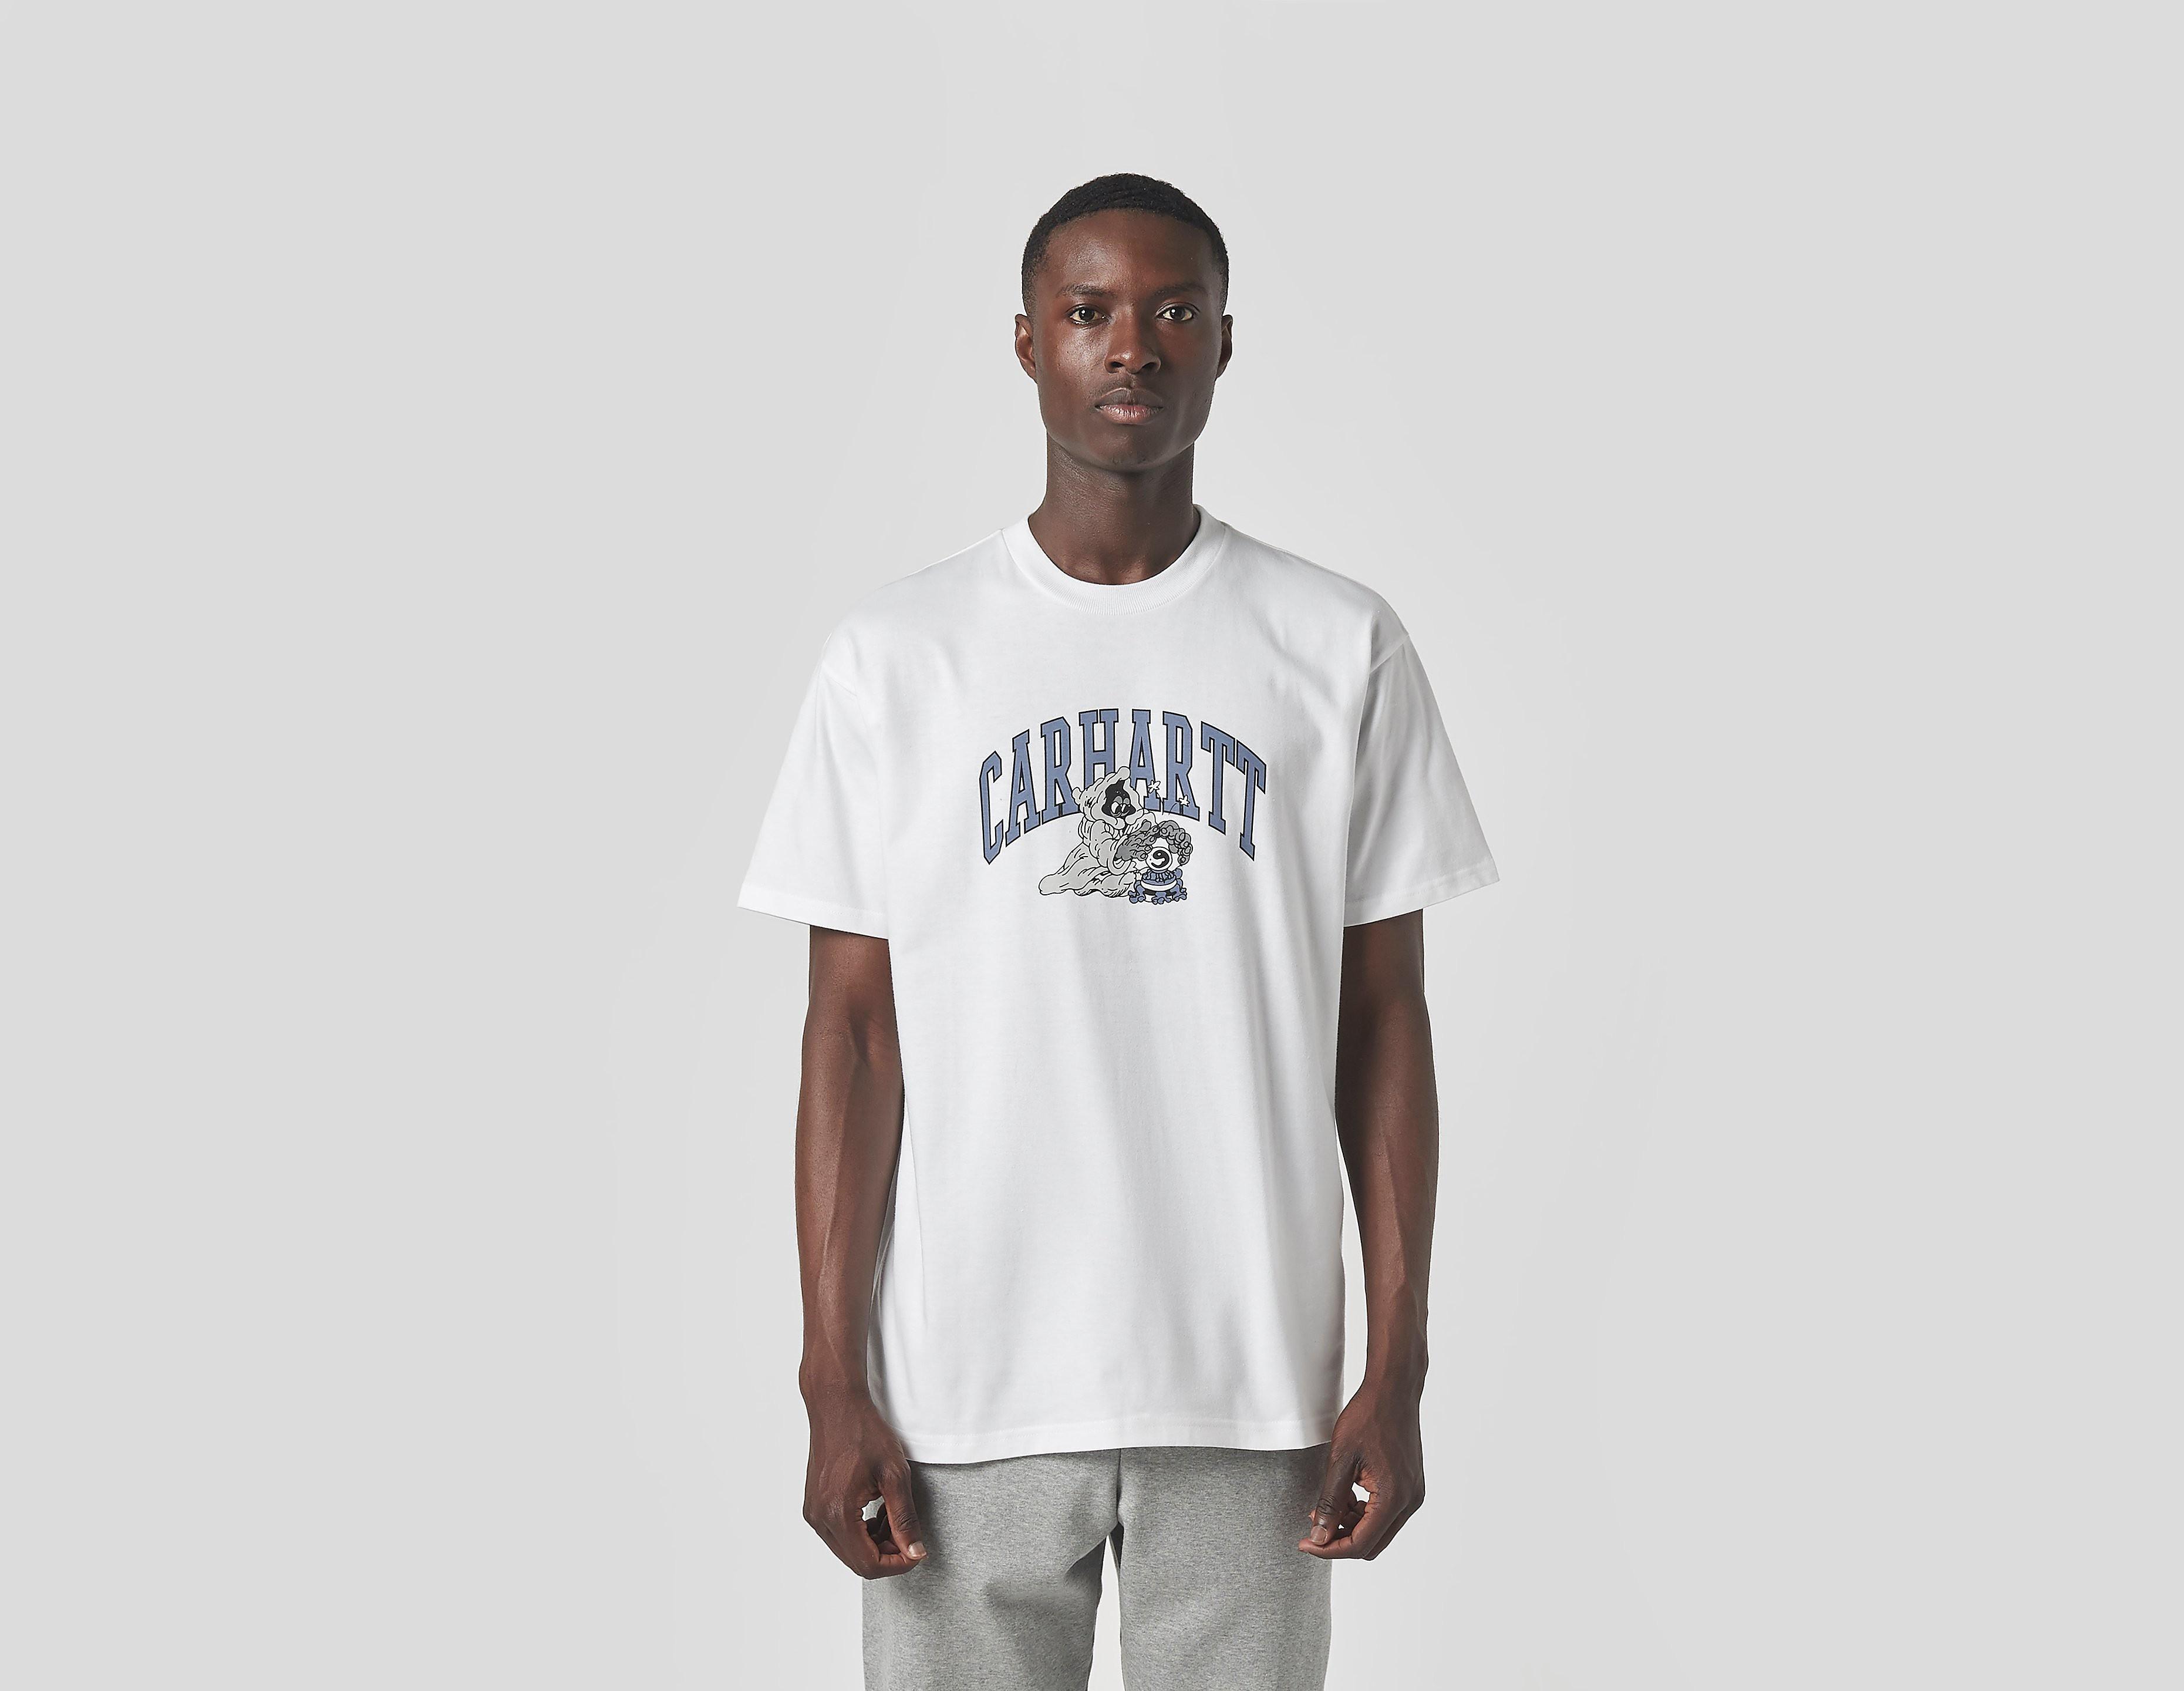 Carhartt WIP Kogankult Crystal T-Shirt